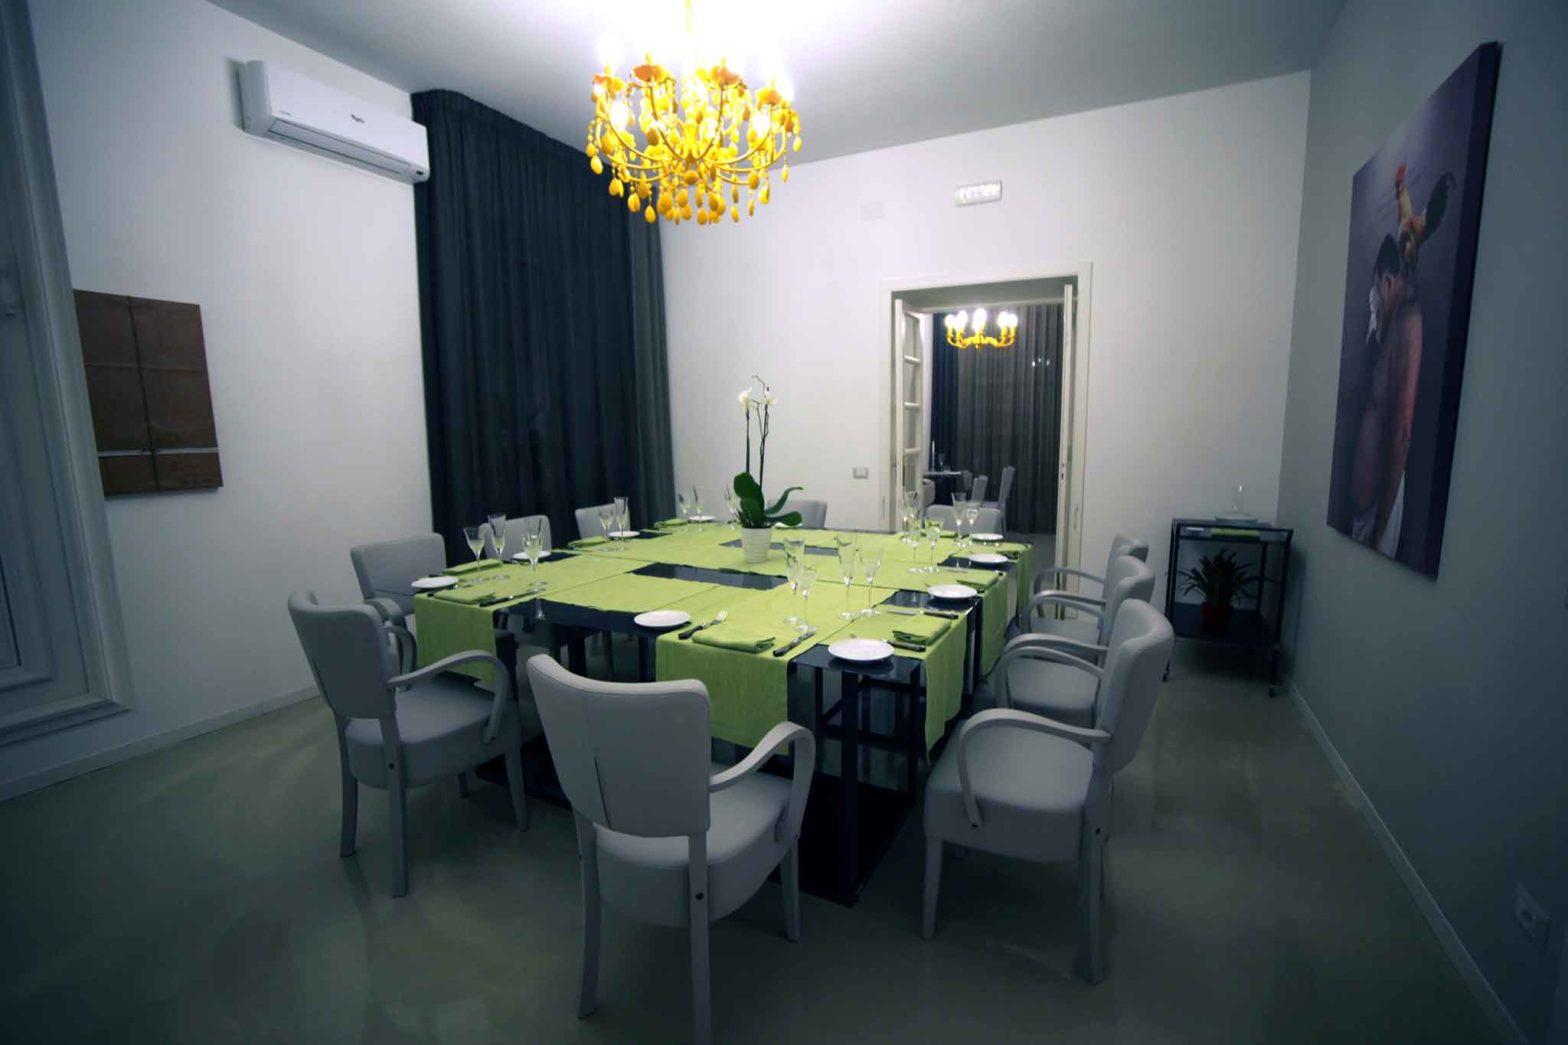 Decreto sostegni bis ristorante interno